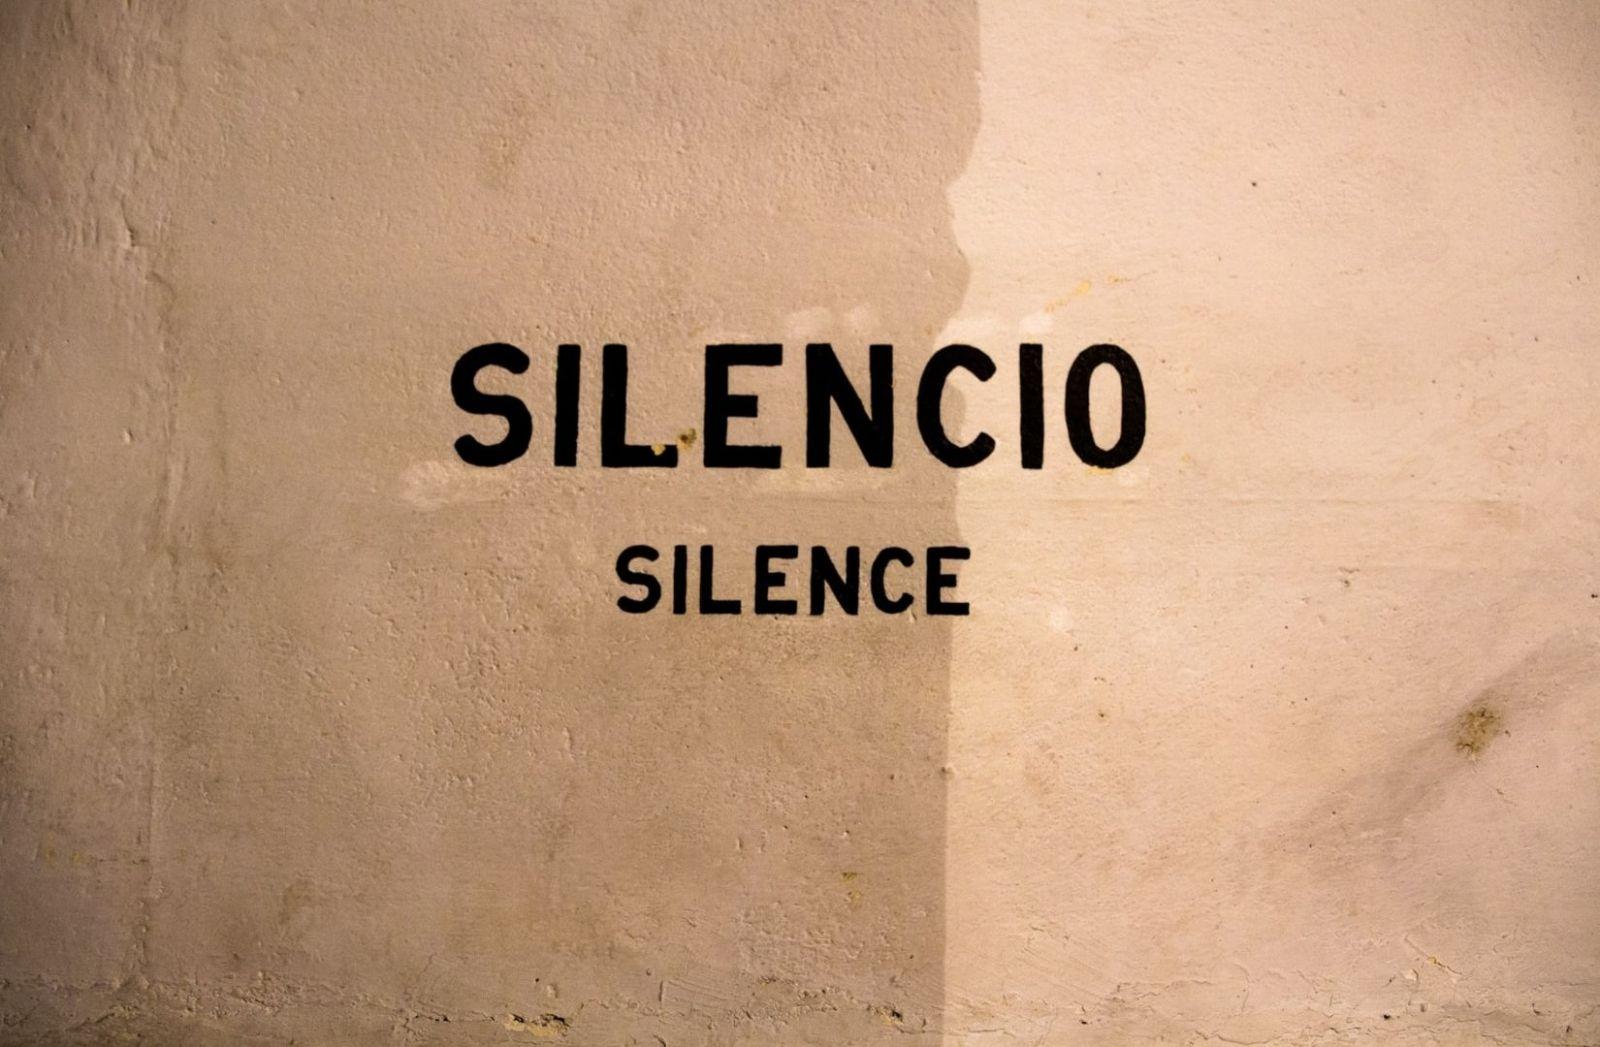 Wirre Rede oder besser großes Schweigen. (Foto: Scott Umstattd, Unsplash.com)